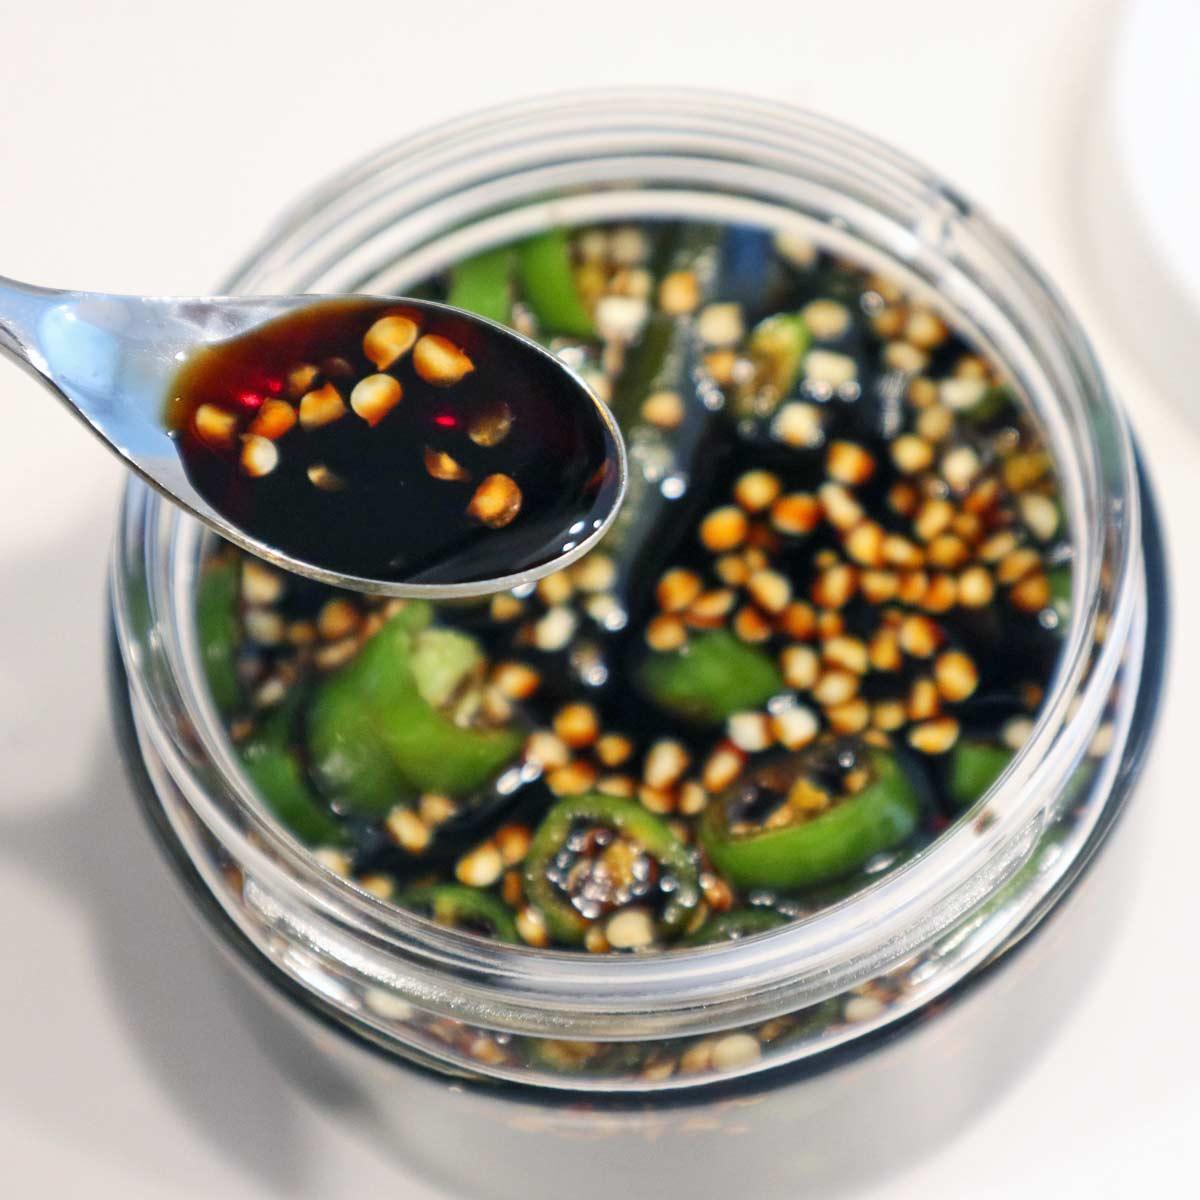 ピリ辛味が夏にぴったり! ハマる人続出の「青唐辛子しょう油」はどうやって作る?